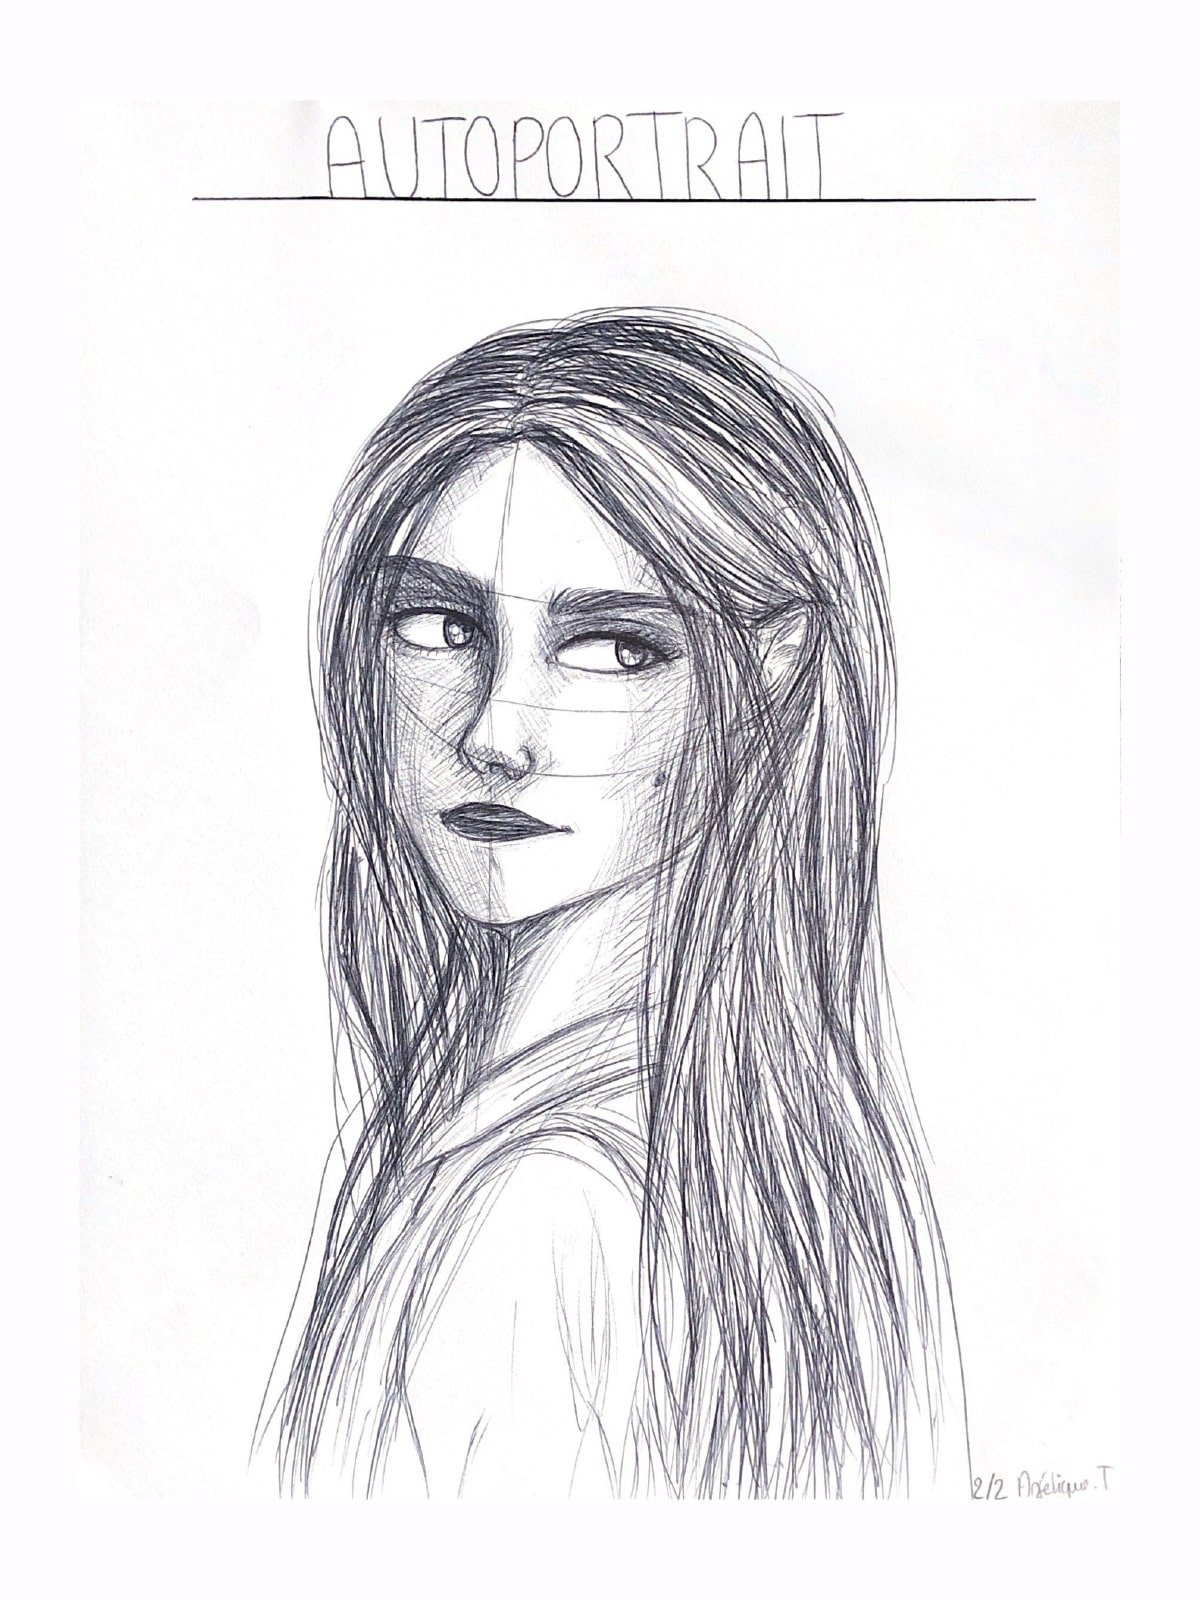 Angelique_Taddei_autoportrait-min